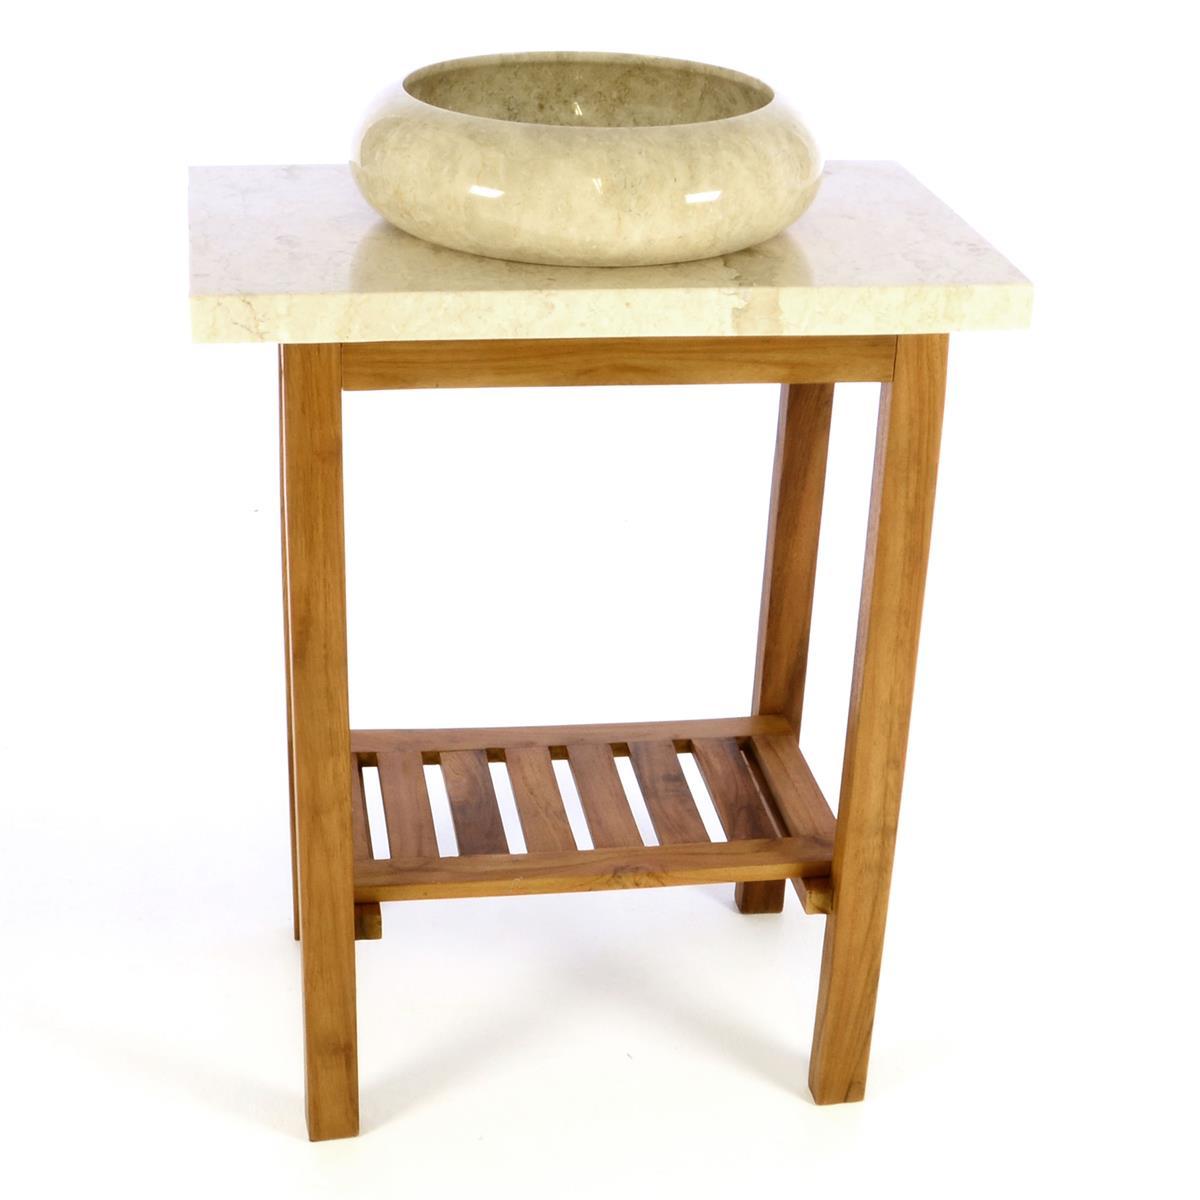 DIVERO Waschtisch Waschschale mit Platte Badmöbel Marmor Teak Holz creme